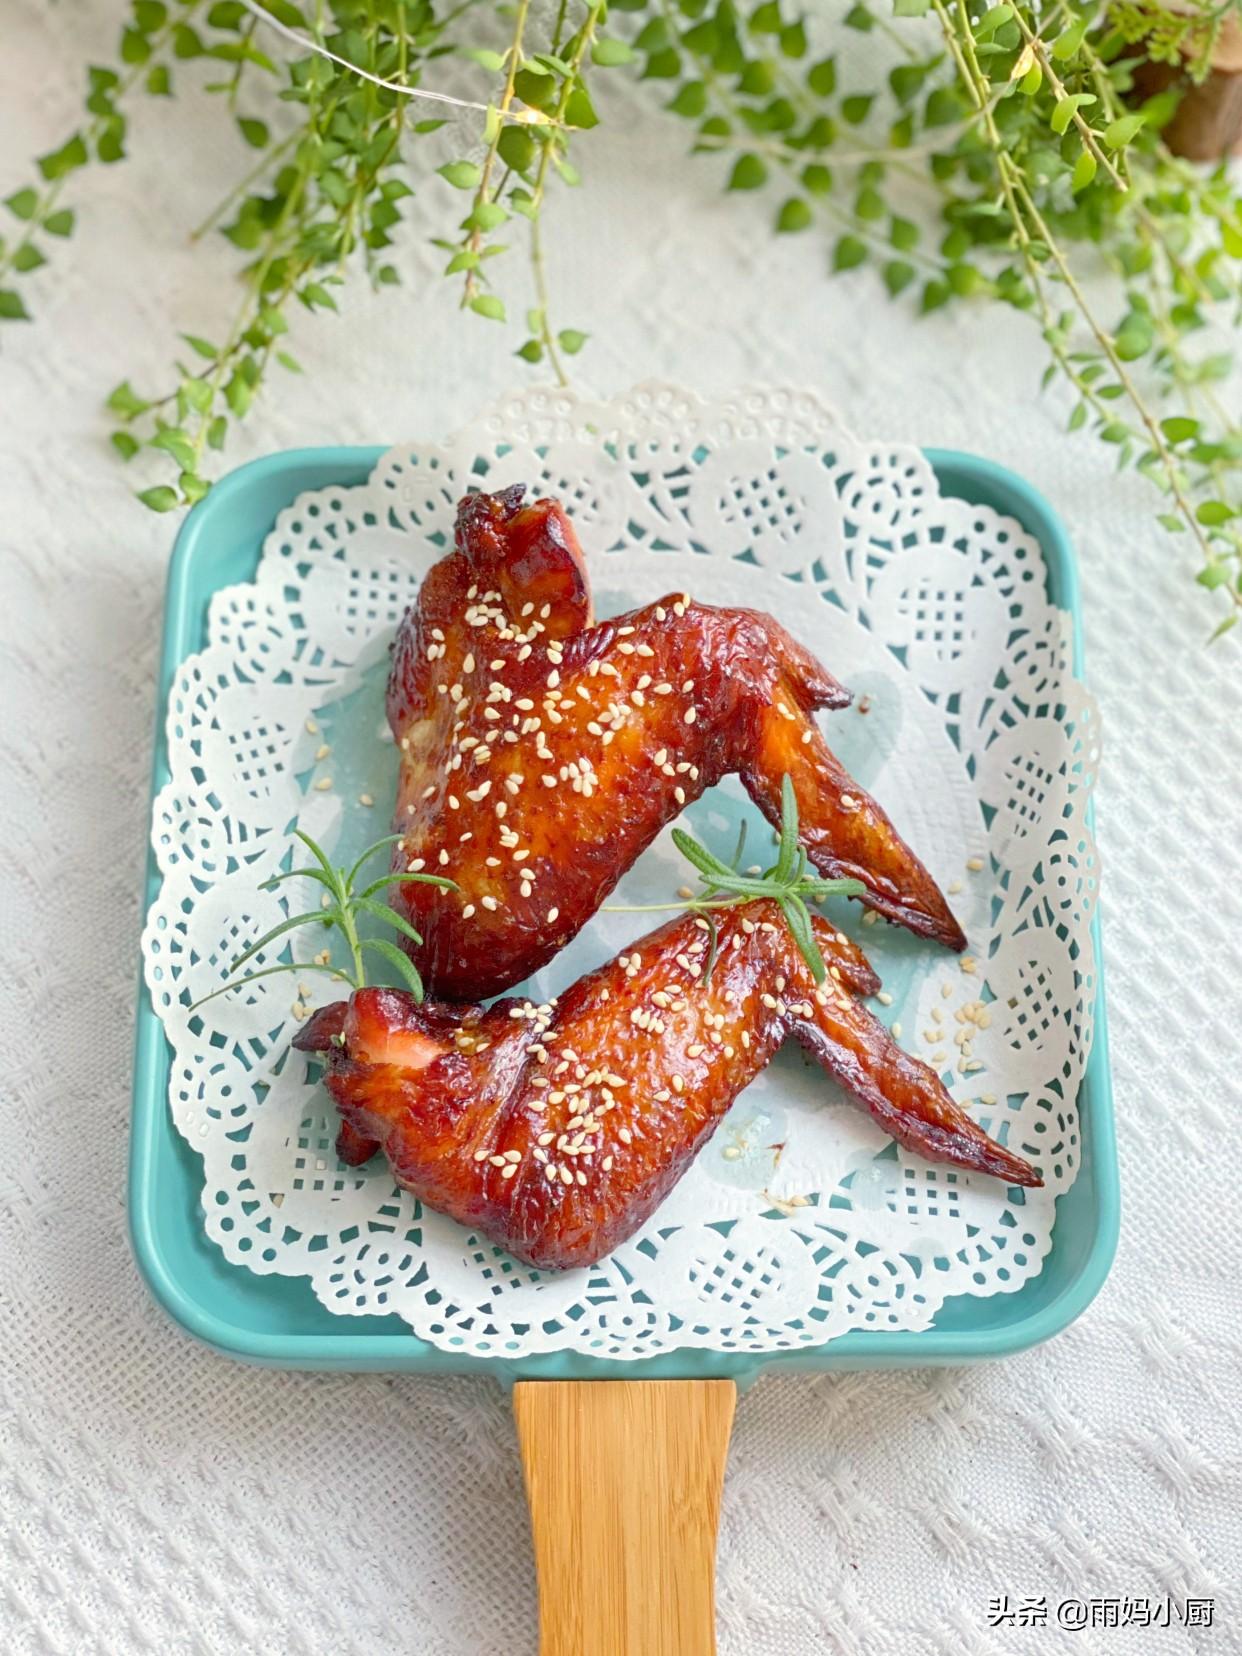 不用油炸不用紅燒,在家做焦香誘人的蒜香烤全翅,好吃到舔手指